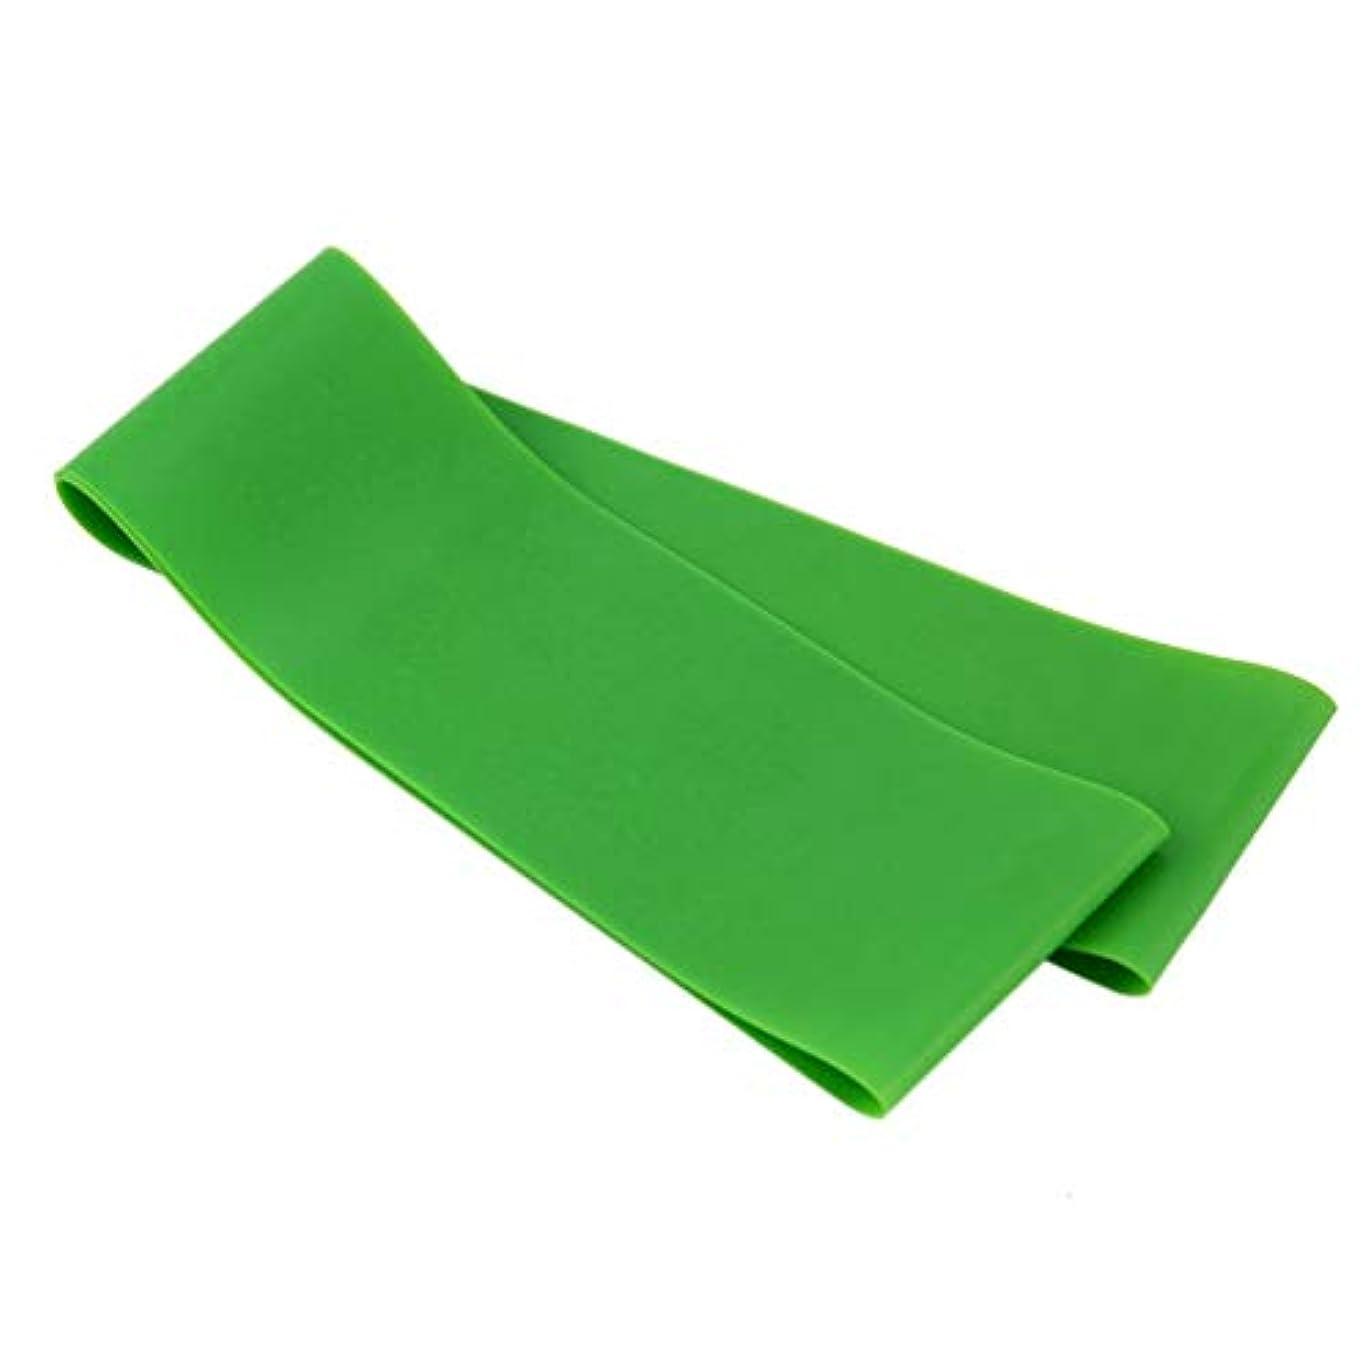 温帯フクロウほぼ滑り止め伸縮性ゴム弾性ヨガベルトバンドプルロープ張力抵抗バンドループ強度のためのフィットネスヨガツール - グリーン